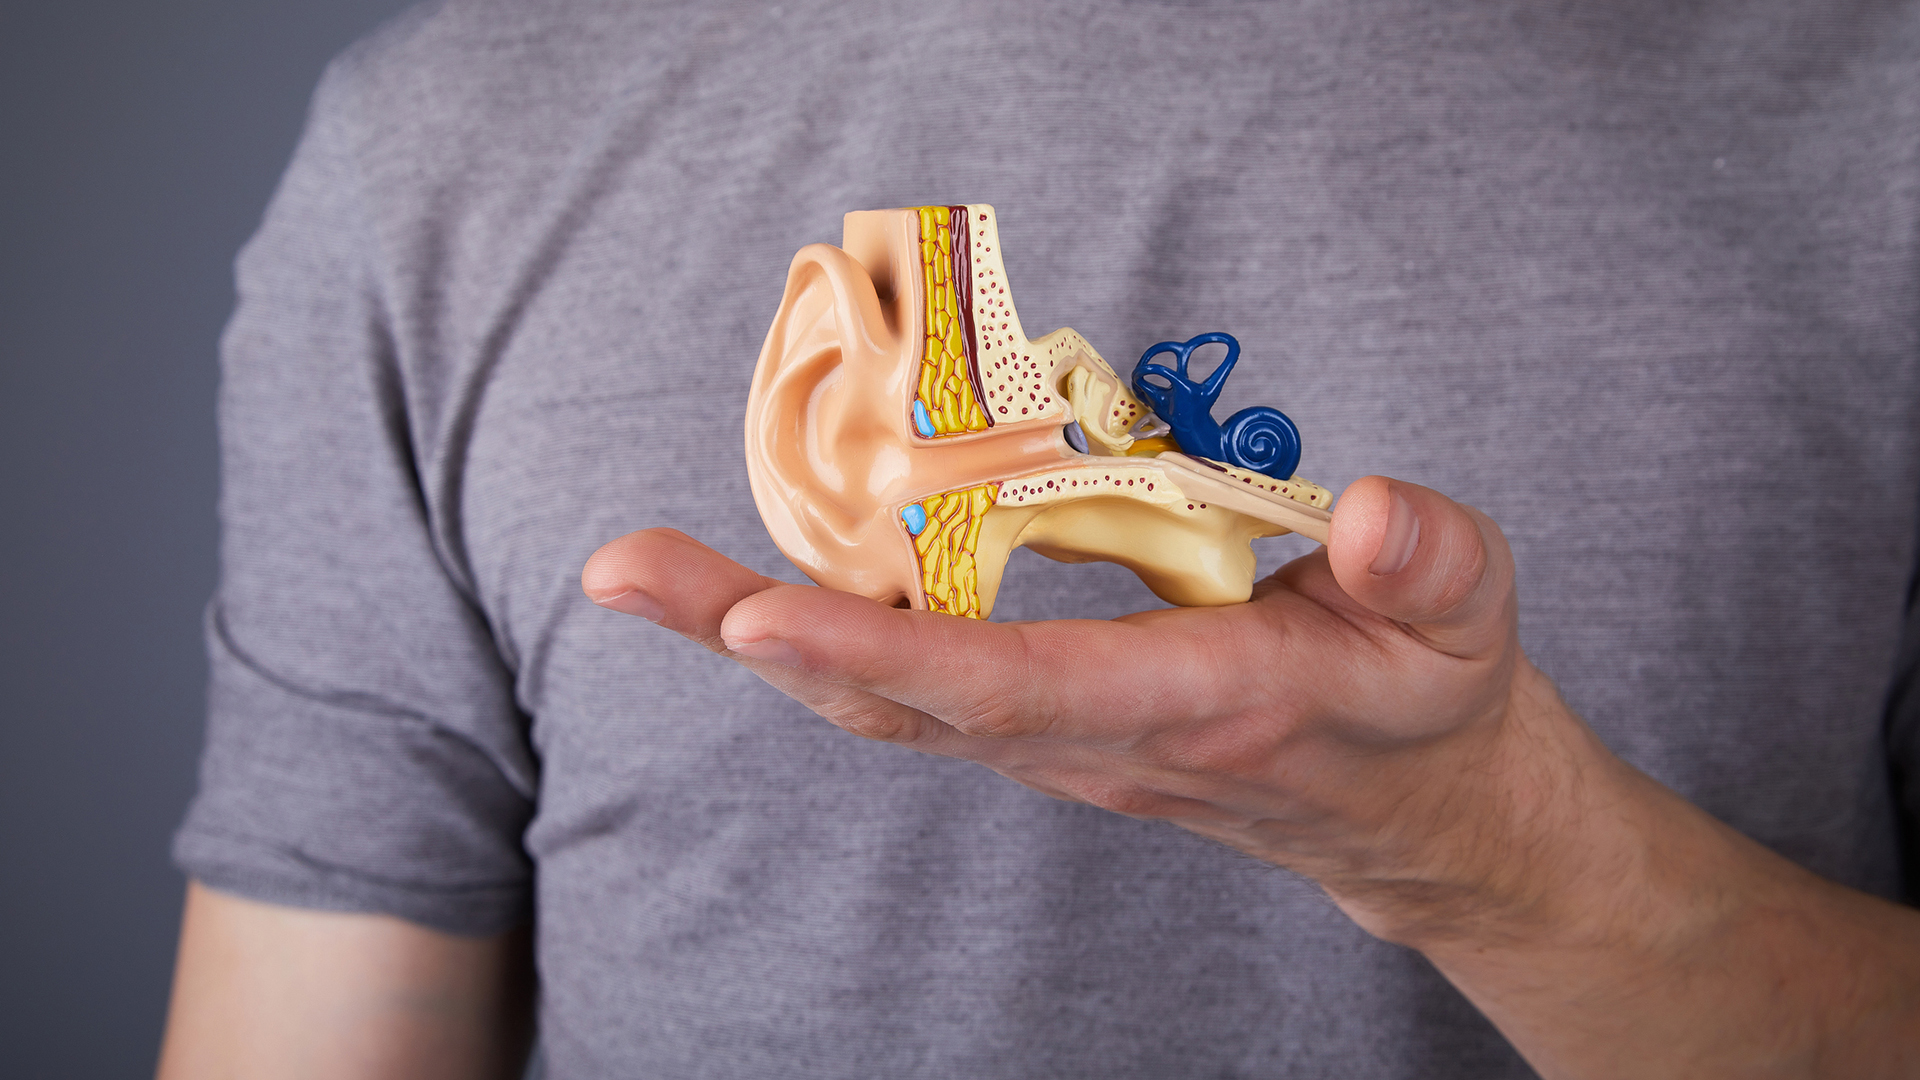 Kuulokoje ja monet muut apuvälineet tuovat helpotusta, kun huono kuulo vaivaa.